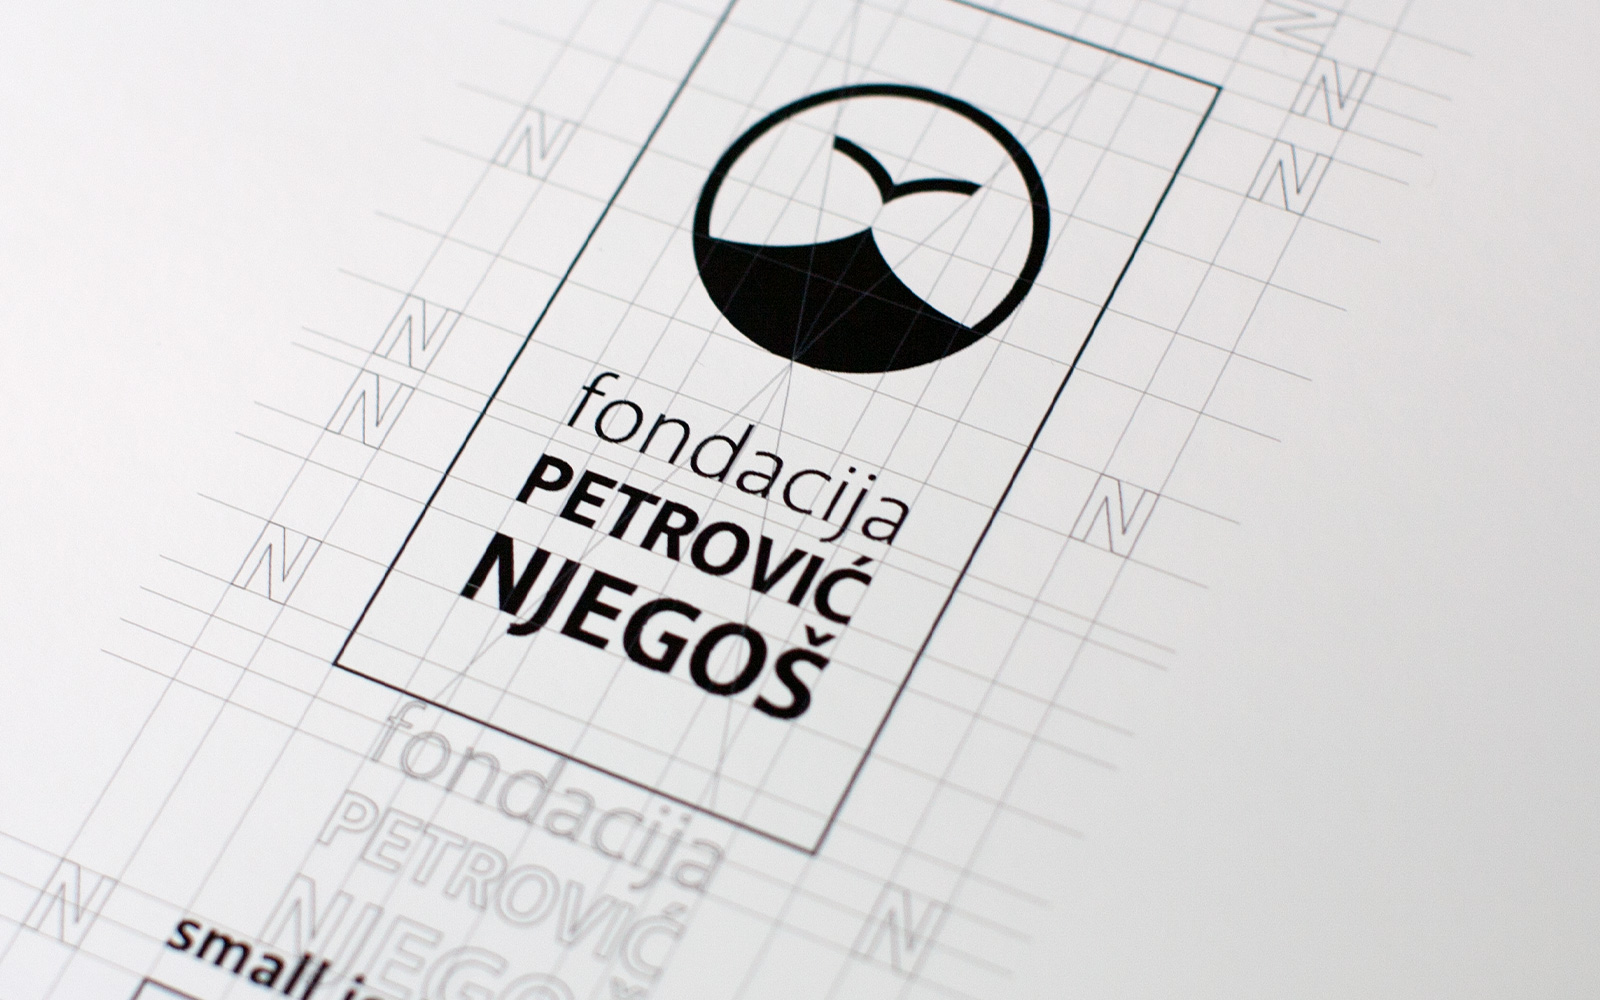 Fondation Petrovic Njegos Ratios